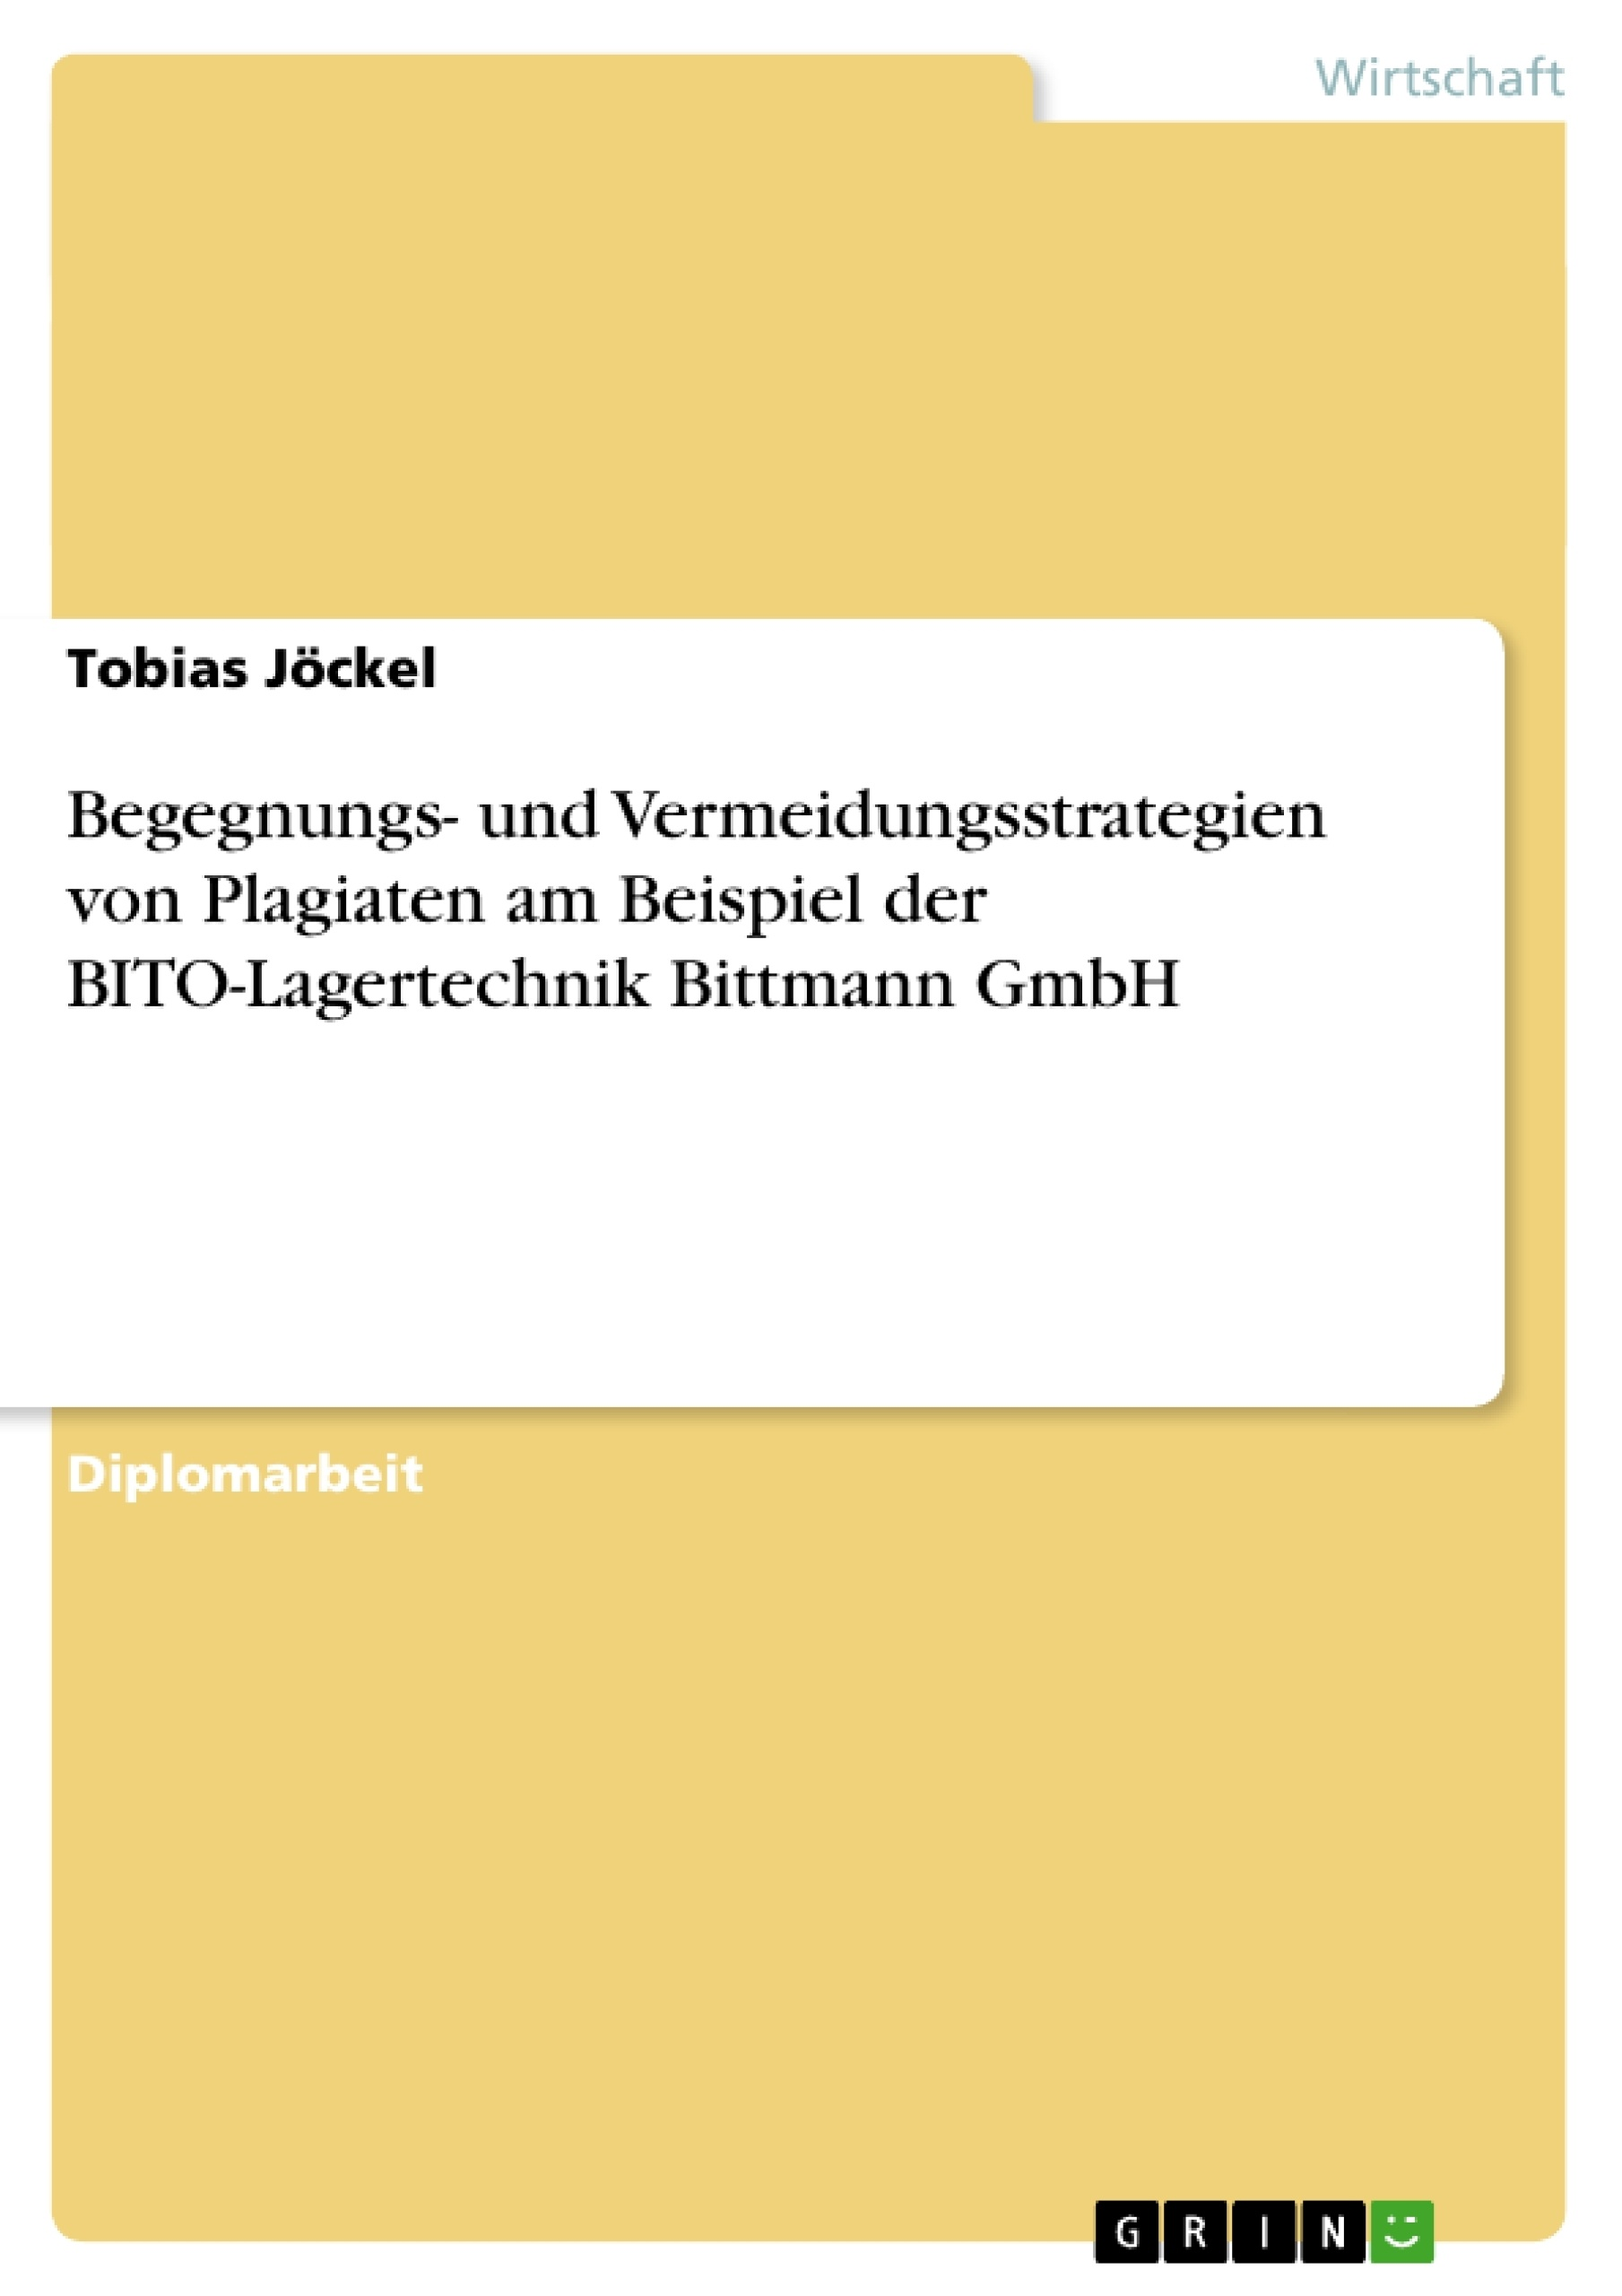 Titel: Begegnungs- und Vermeidungsstrategien von Plagiaten am Beispiel der BITO-Lagertechnik Bittmann GmbH